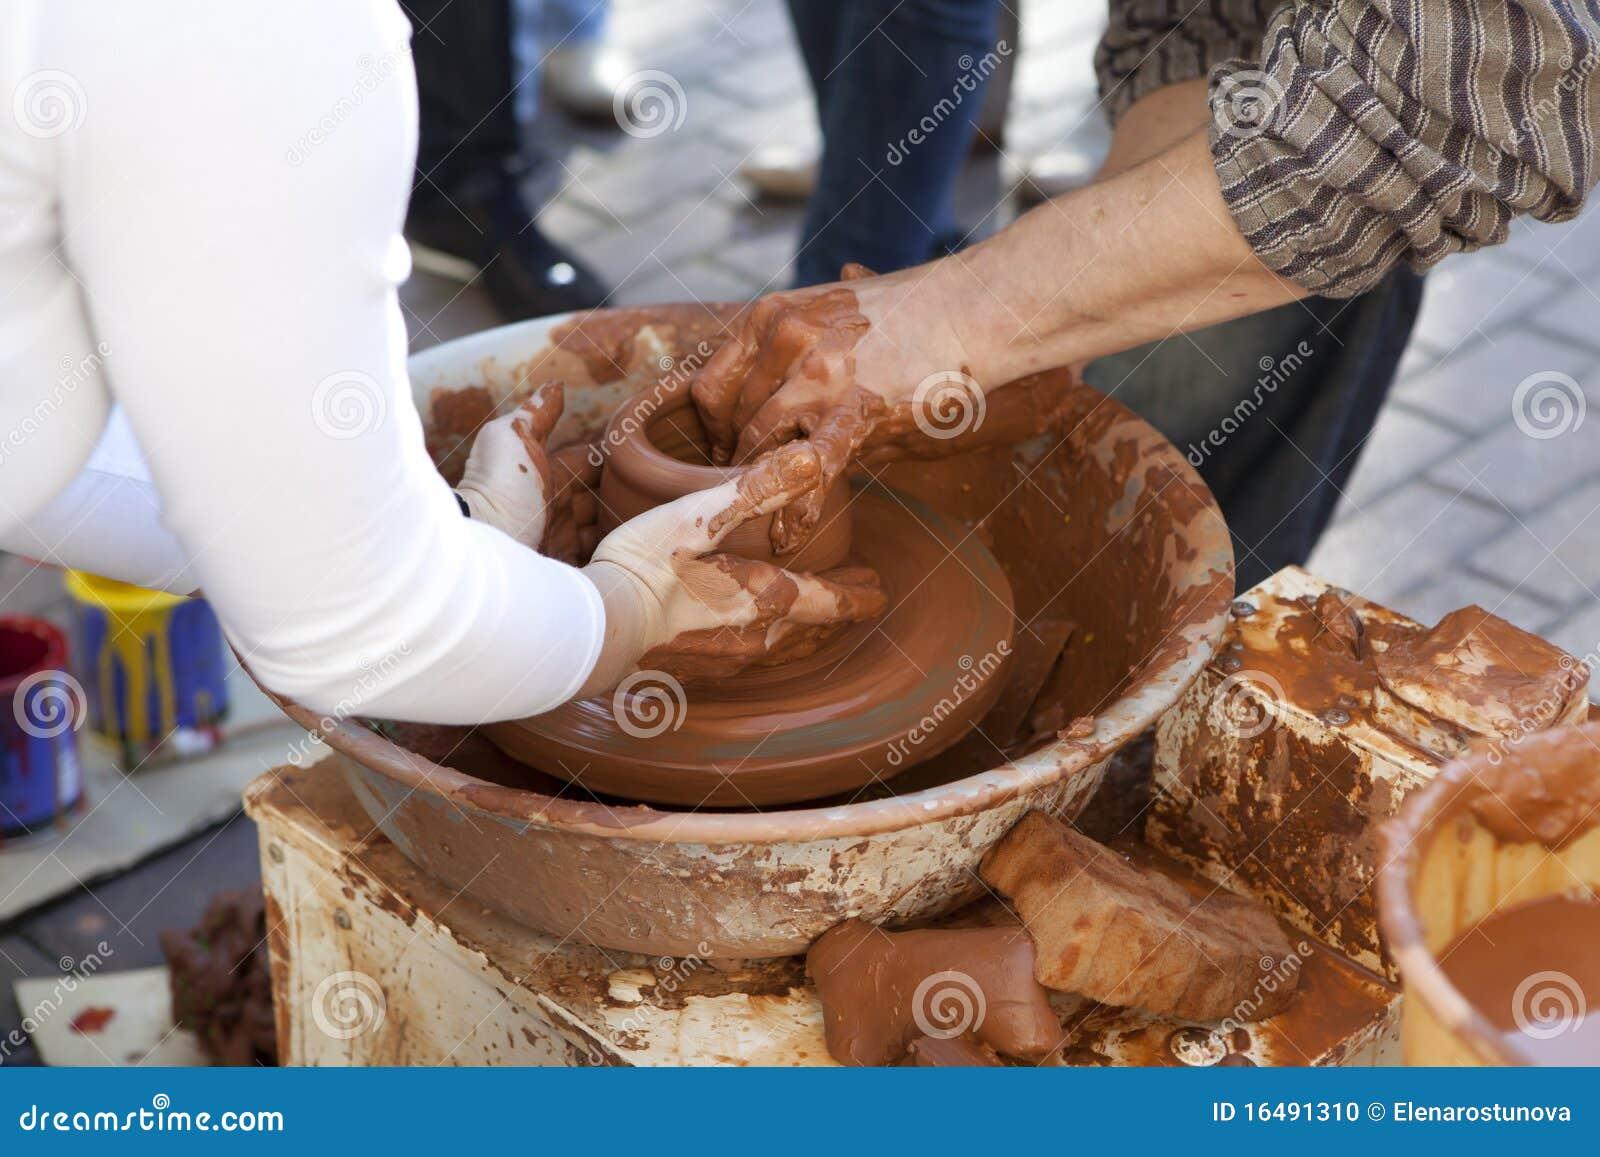 Le potier enseigne faire cuire des bacs son aide.